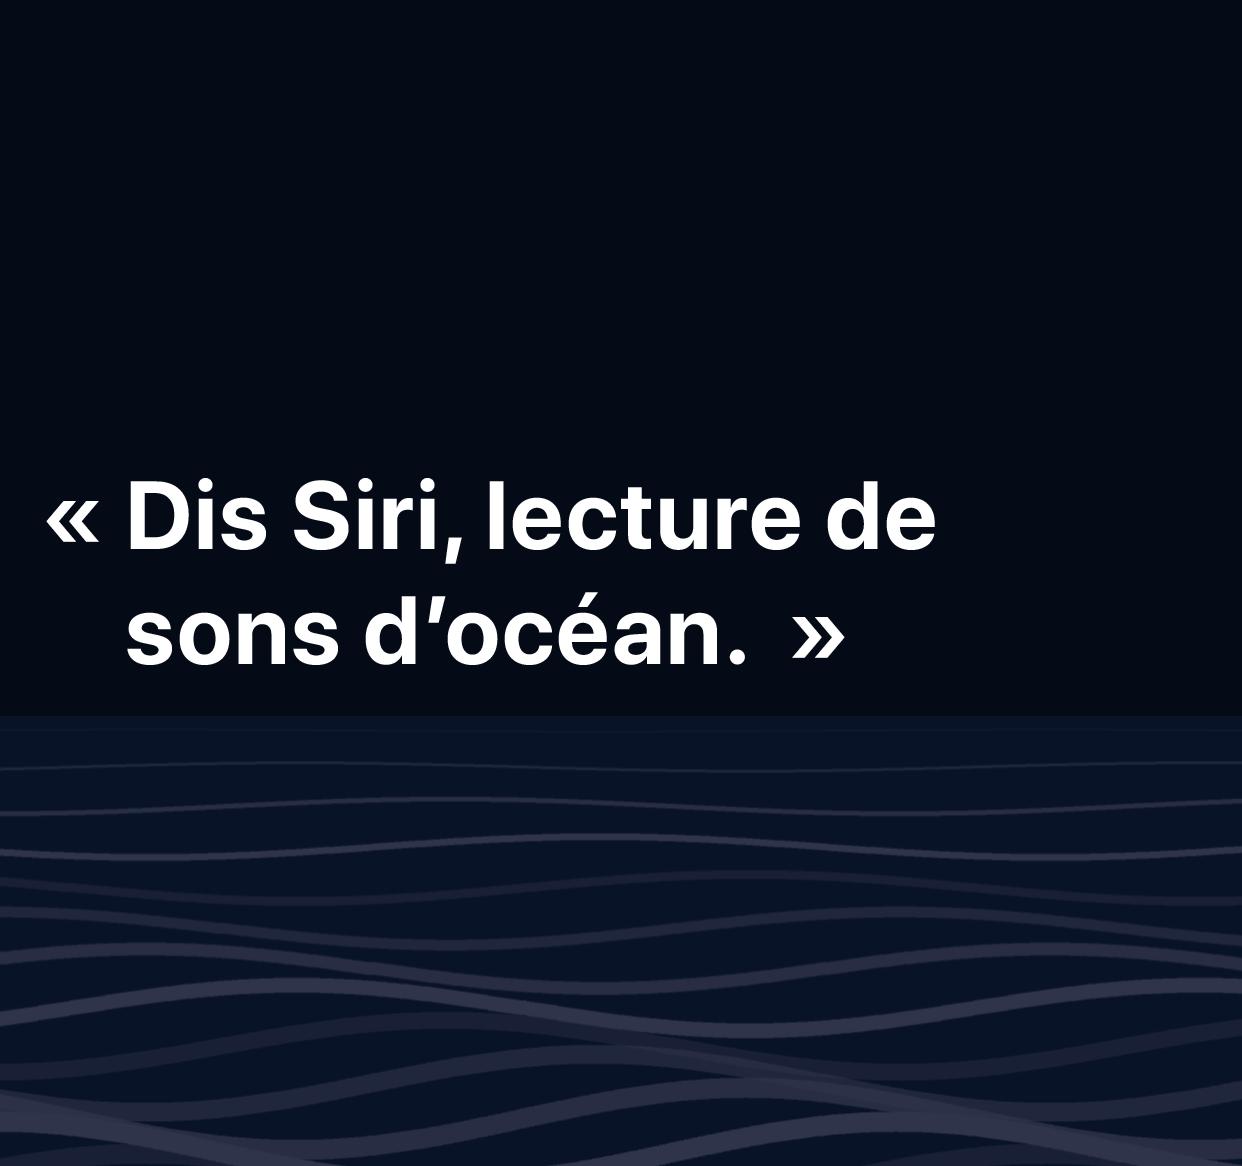 """Une illustration des mots: """"Dis Siri, lecture de sons d'océan""""."""